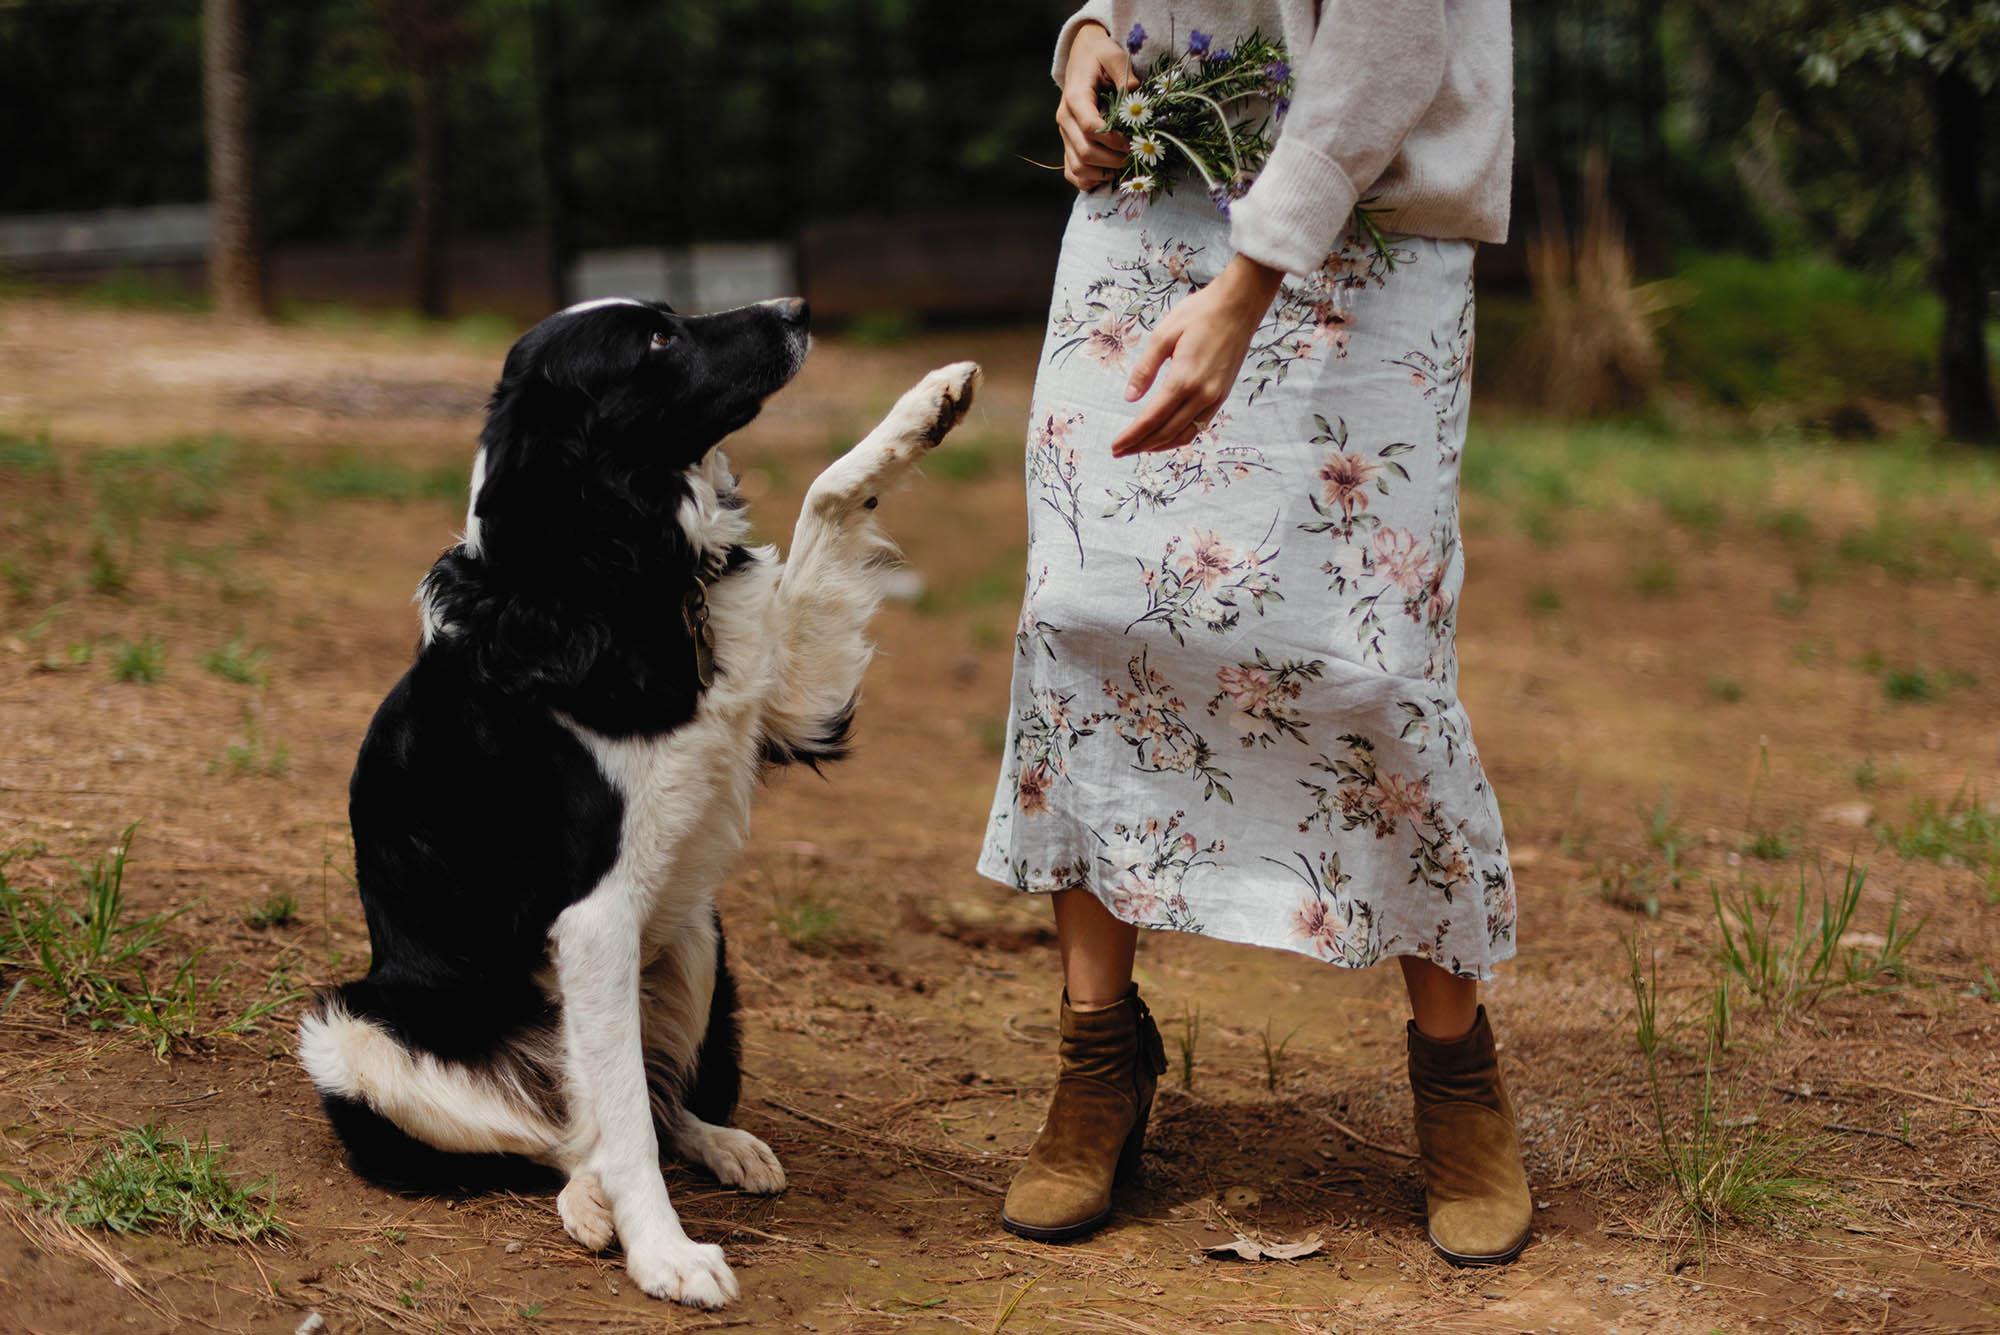 magali espinosa bosque tapalpa wedding destination photographer 21-WEB.jpg